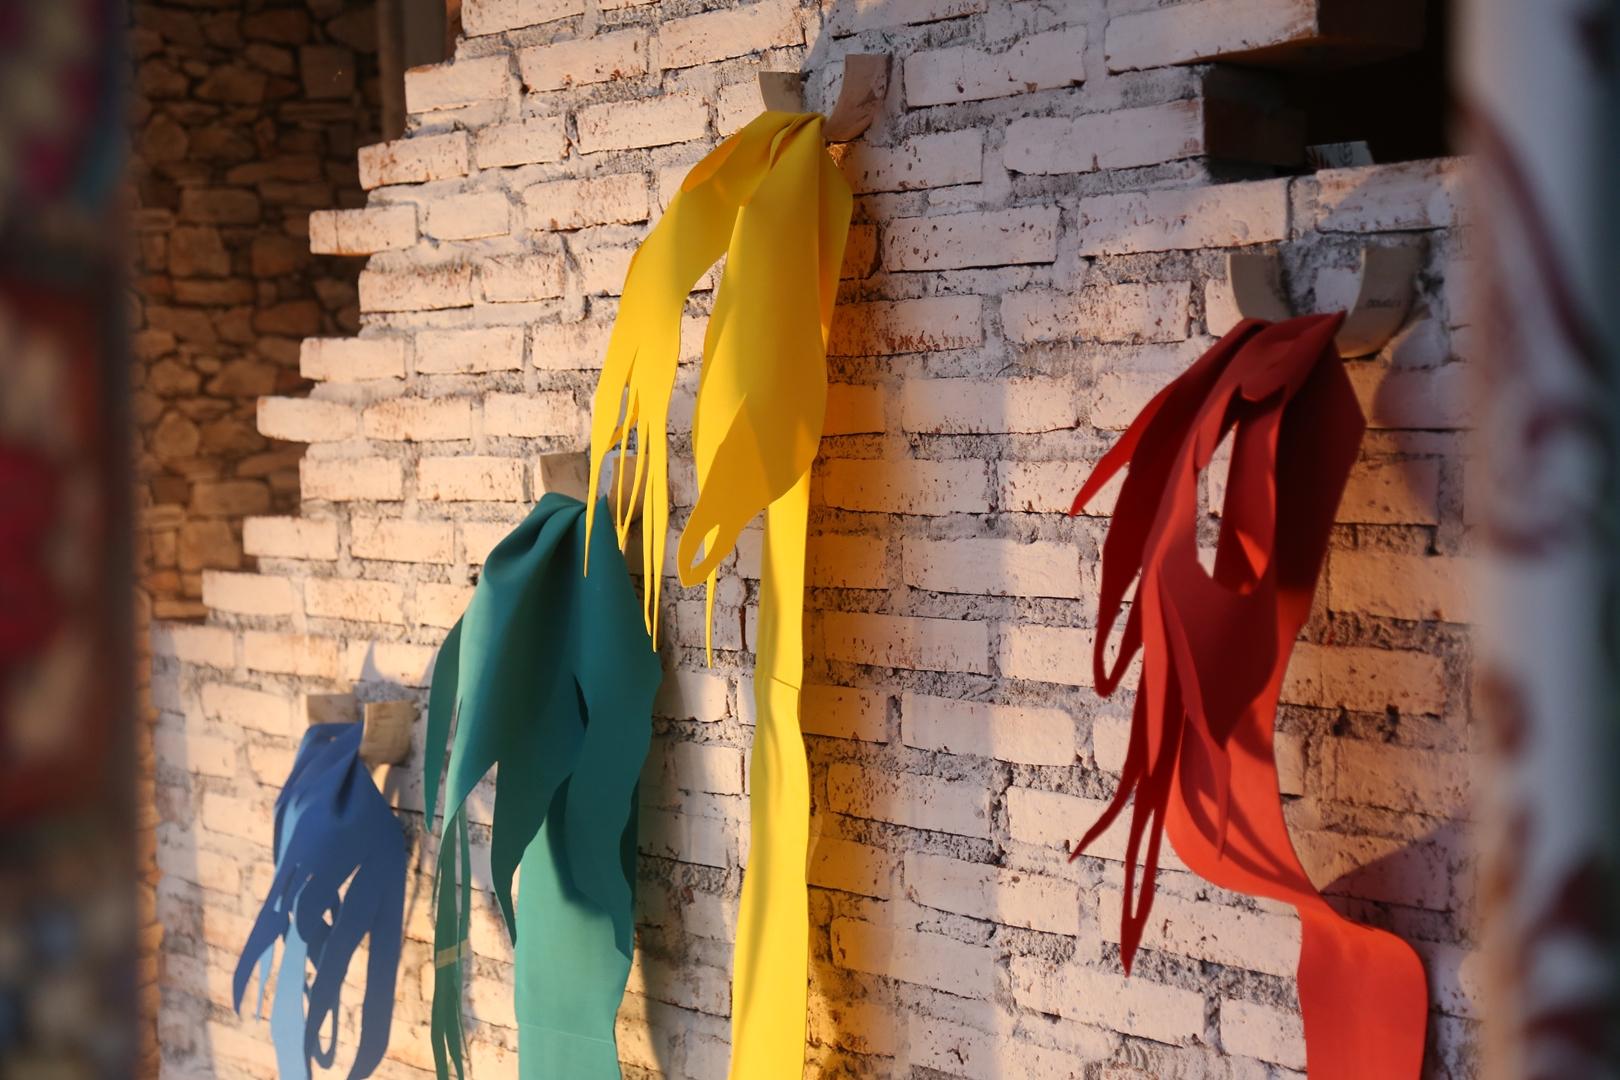 Revista Estilo Propio Arquitectura Y Dise O Arte Y Decoracion # Raku Muebles Tucuman